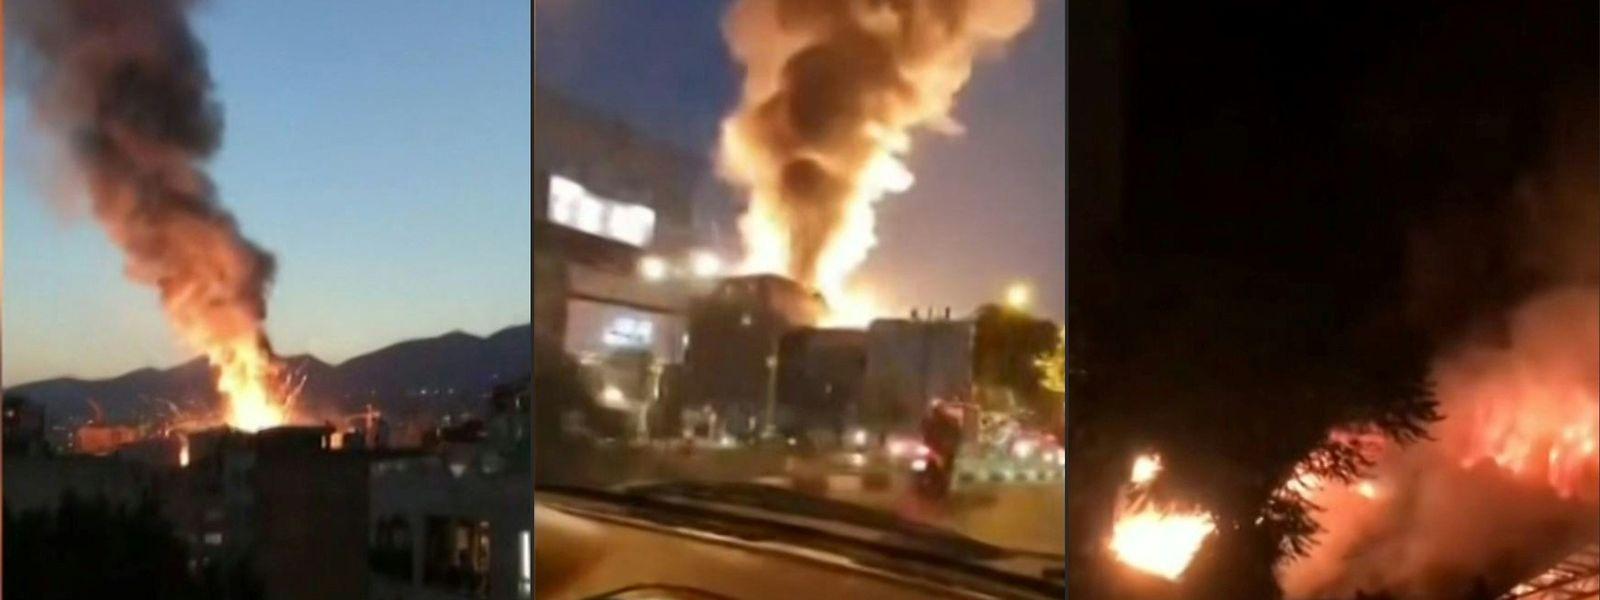 In den vergangenen Wochen hat es mehrere mysteriöse Unfälle im Iran gegeben. Wurden sie durch Cyberangriffe verursacht?